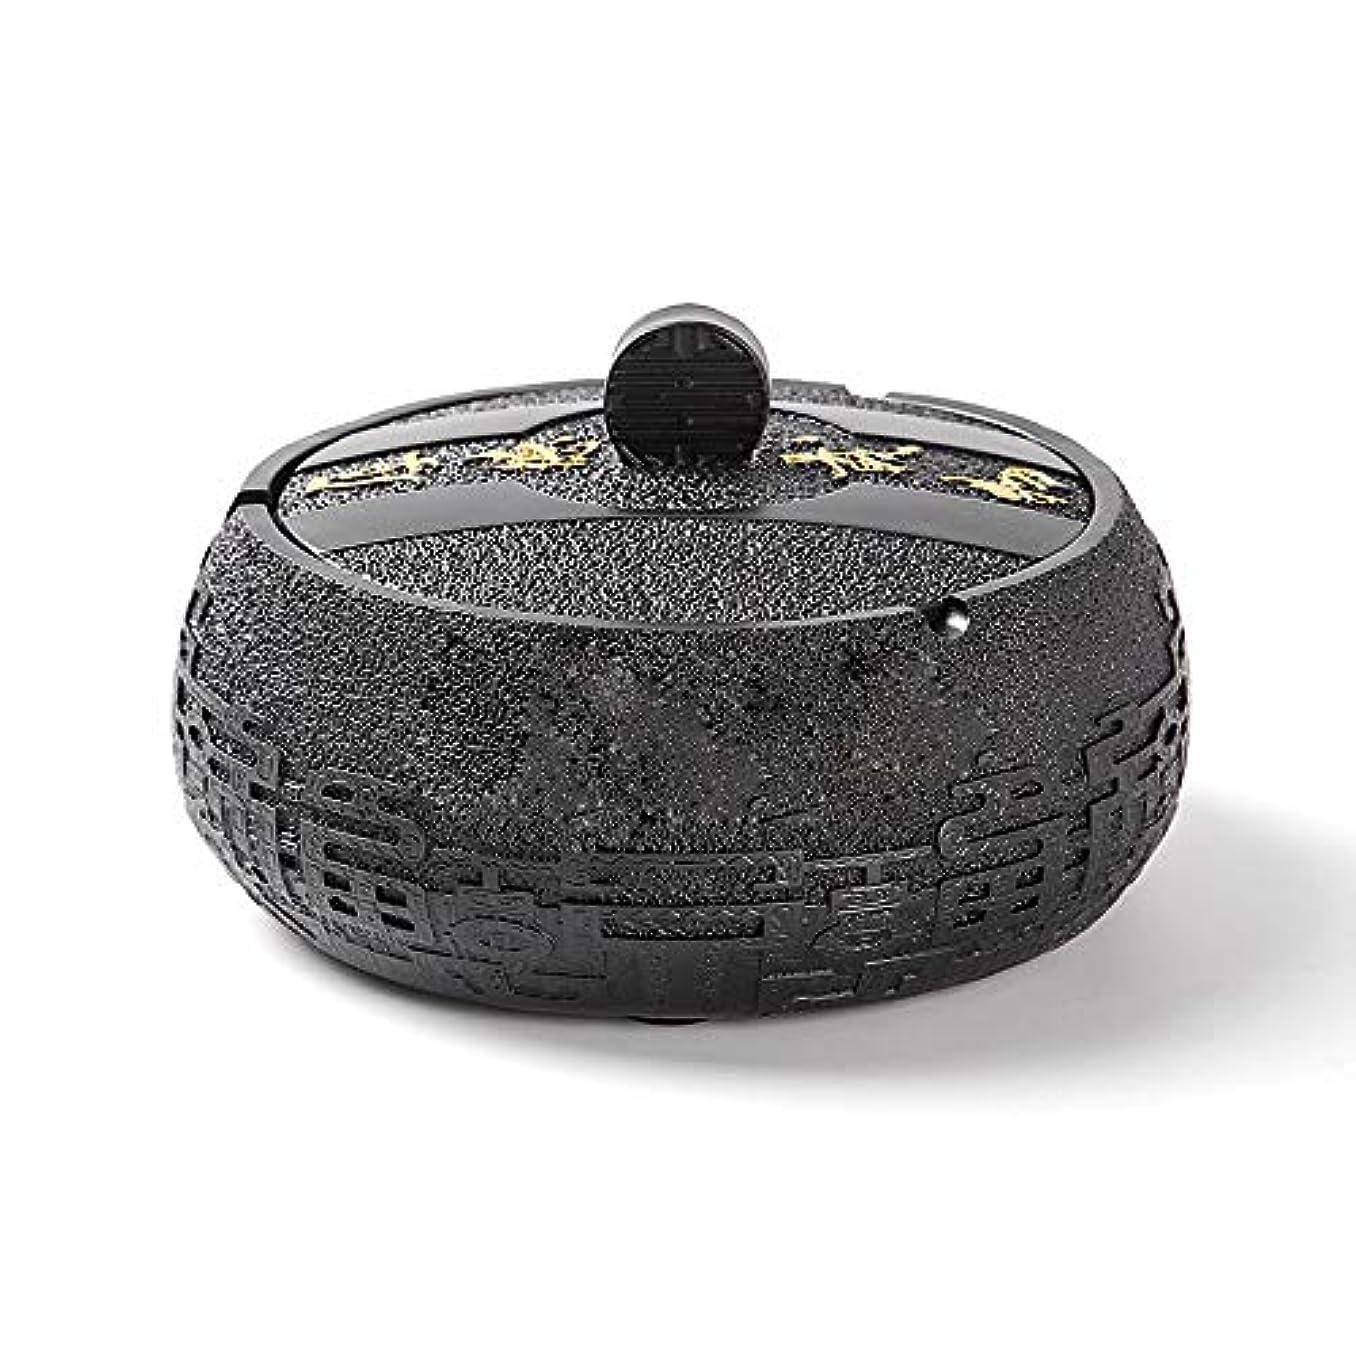 中世のラブマイルタバコ、ギフトおよび総本店の装飾のための円形の光沢のある環境に優しい樹脂の灰皿 (色 : 黒)